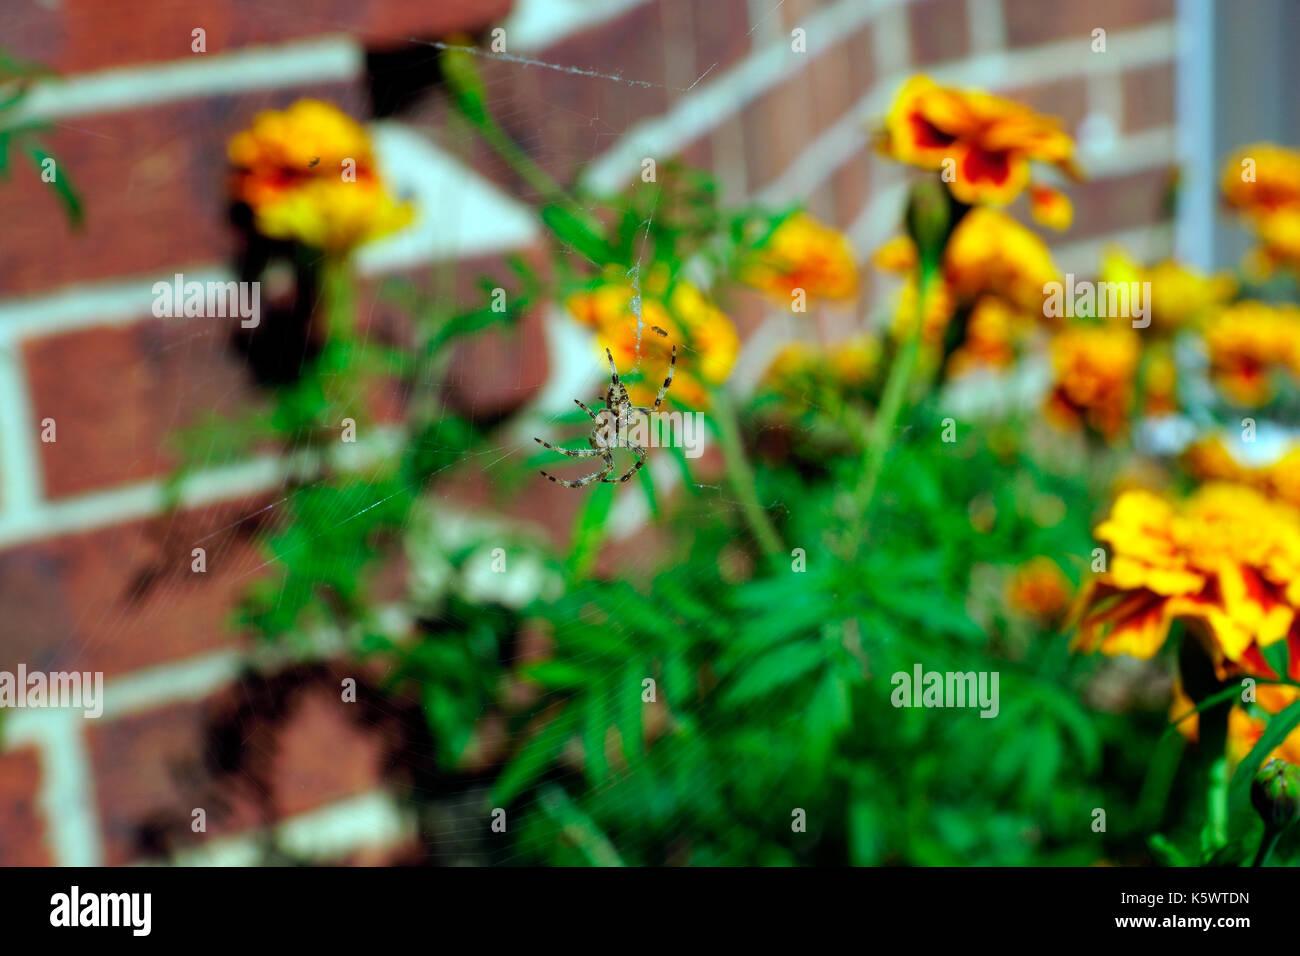 Wasps Bite Stock Photos Amp Wasps Bite Stock Images Alamy